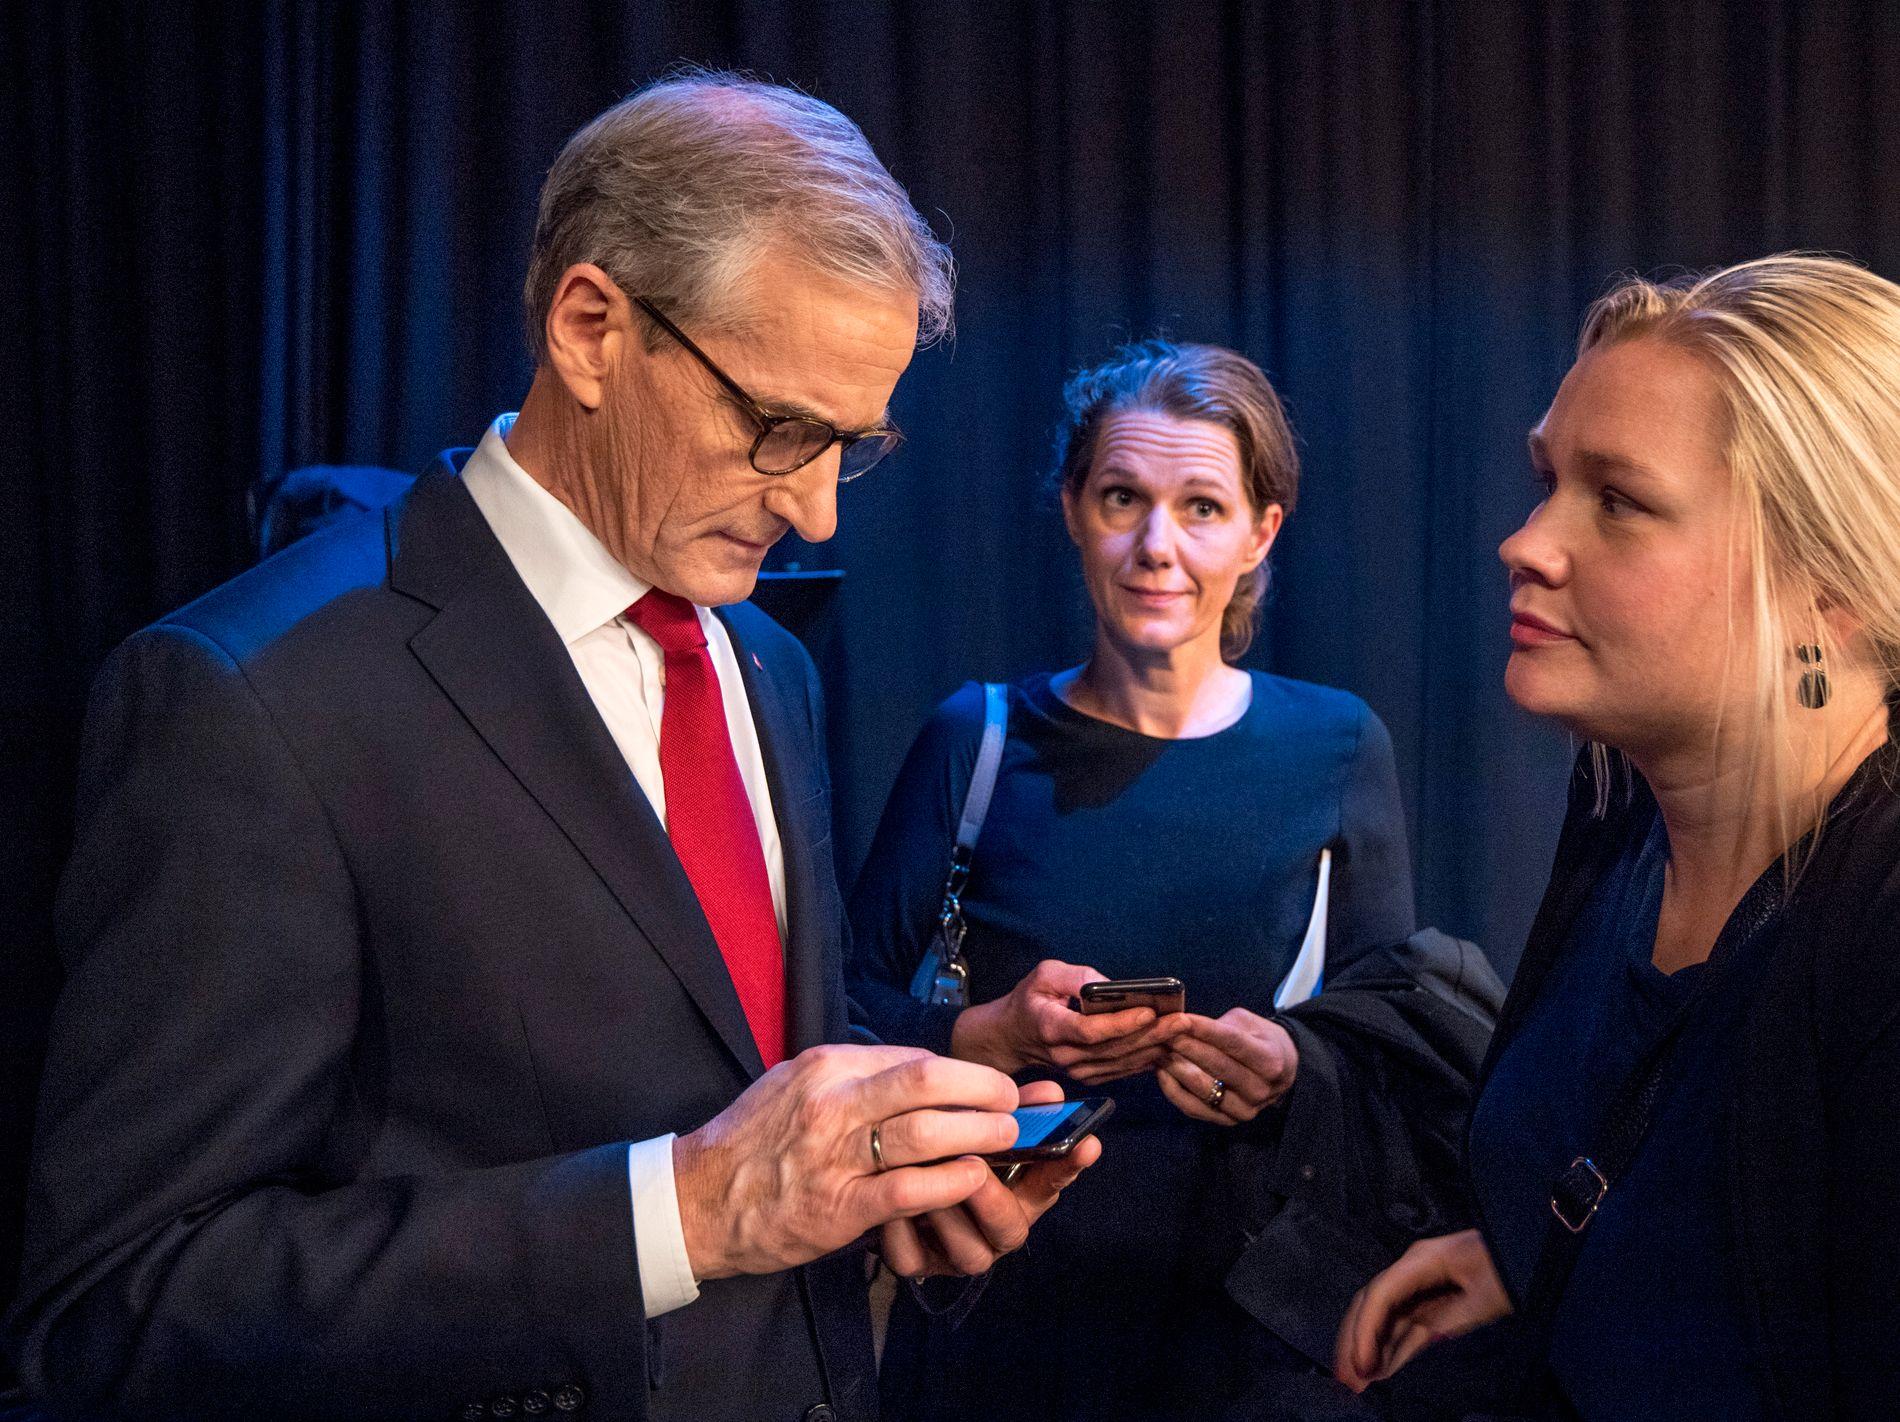 FÅR RÅD: Jonas Gahr Støre får råd fra sine kommunikasjonsrådgiver Marte Ingul (til høyre), mens kommunikasjonssjef Camilla Ryste står i bakgrunnen etter partilederdebatten på TV 2 torsdag forrige uke.